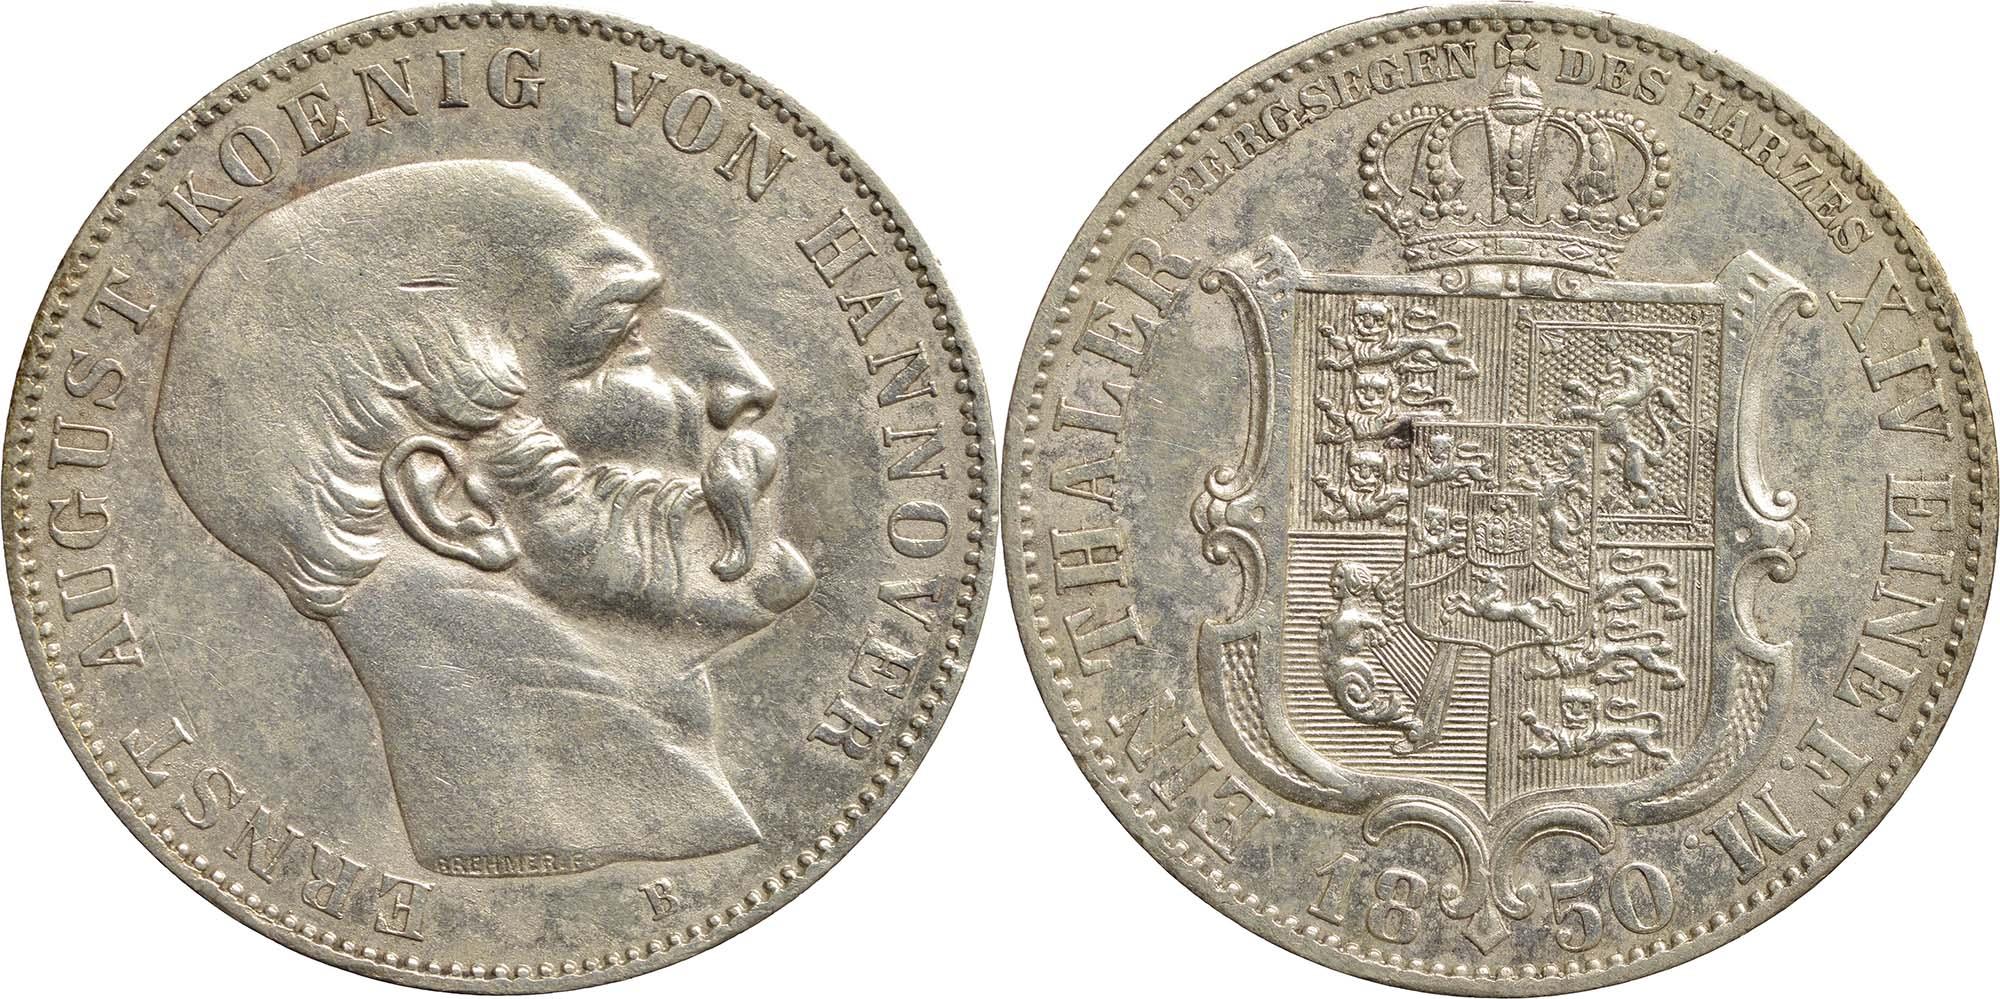 Lieferumfang:Deutschland : 1 Ausbeutetaler Ernst August winz. Kratzer, Rs. 1850 vz.